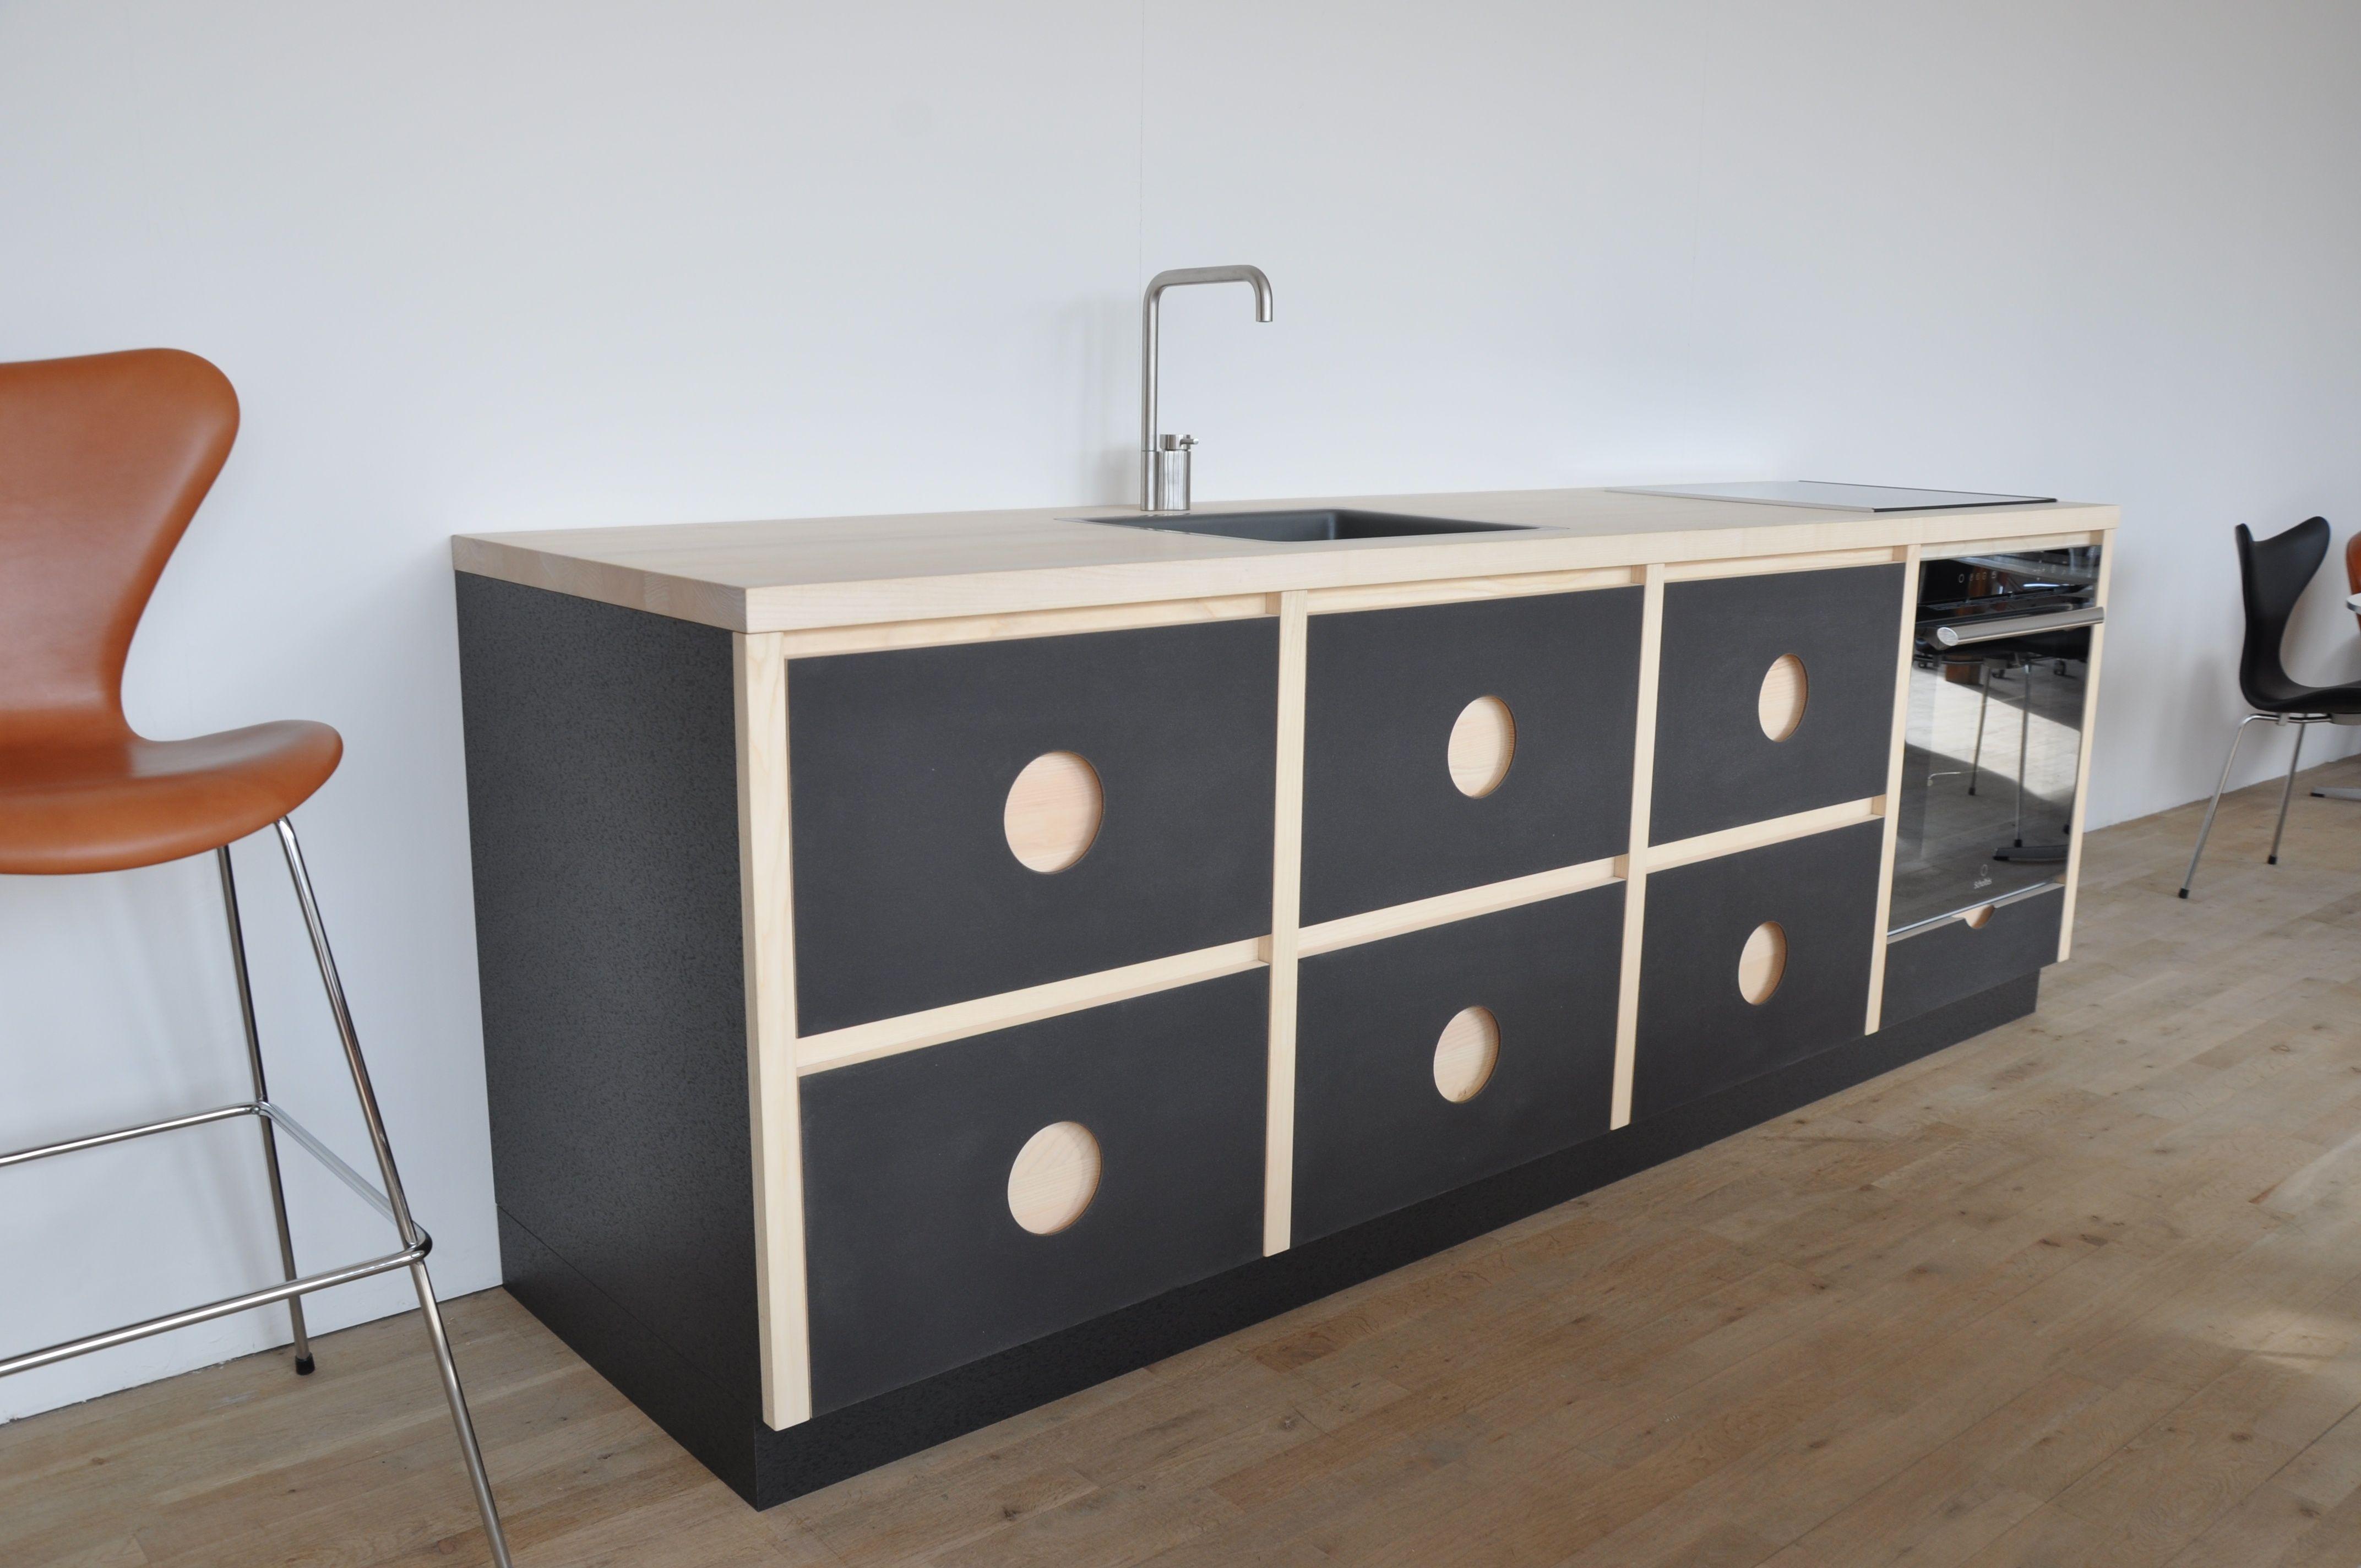 kjeldtoft k kken overflade desktop furniture linoleum forbo k kken pinterest. Black Bedroom Furniture Sets. Home Design Ideas